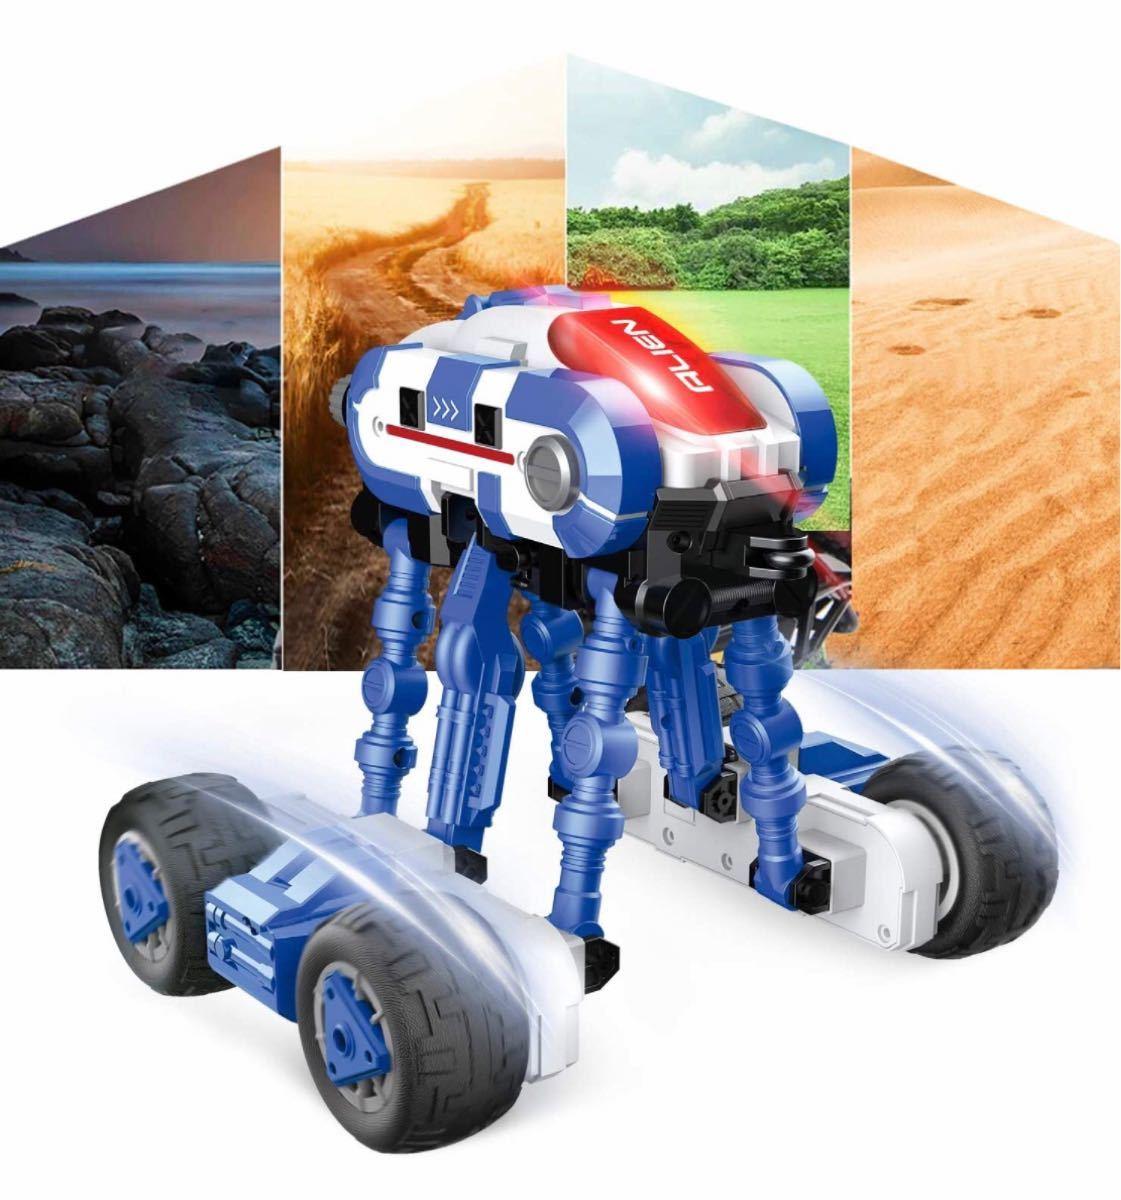 リモコンカー 電動ラジコンカー スタントカー  360度回転 USB充電 無線